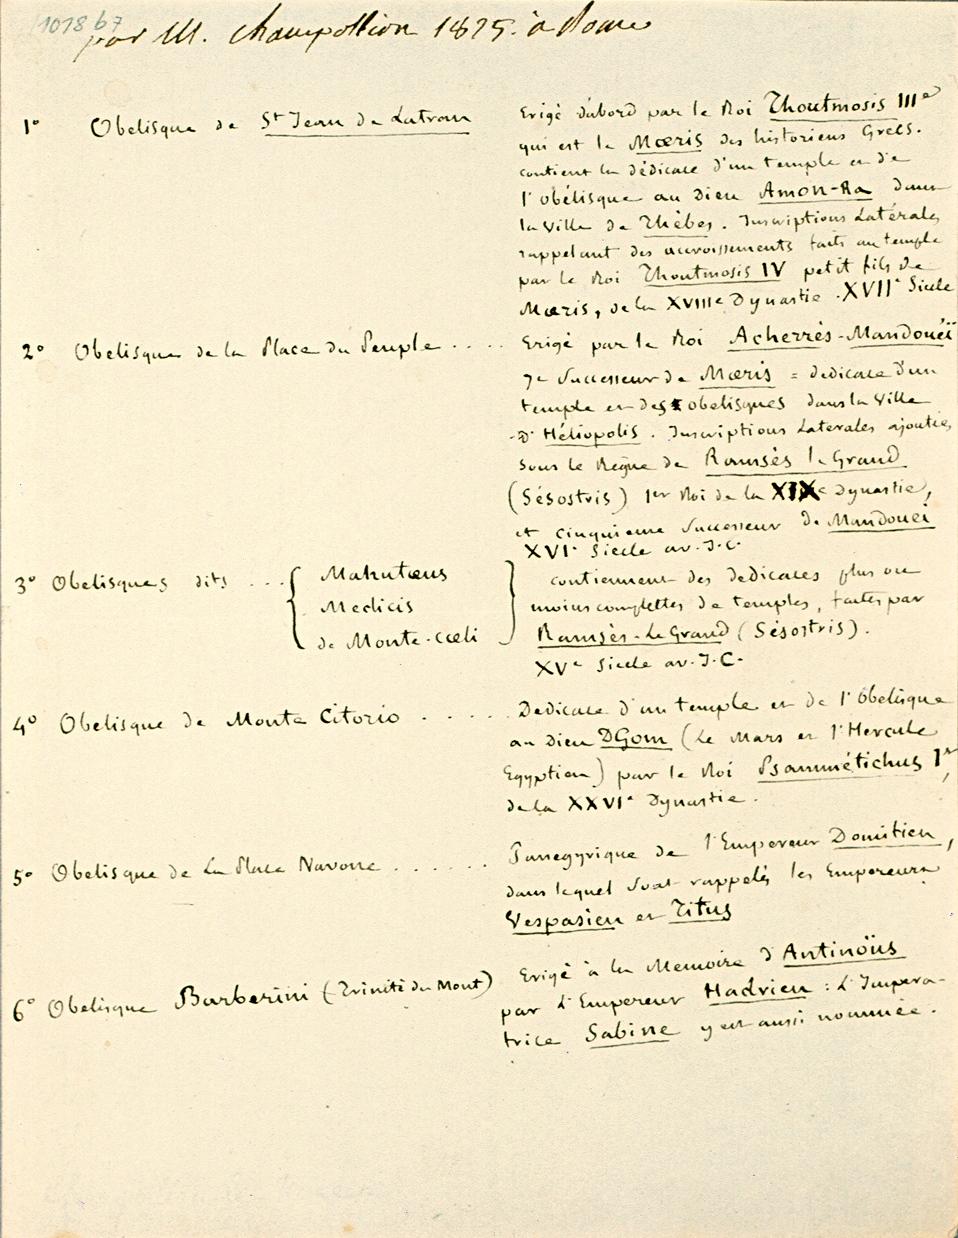 Liste d'obélisques de Rome. 1 p. in 8°. Mariemont, Farde 1018b, 7 ; n° 3196. 1825.